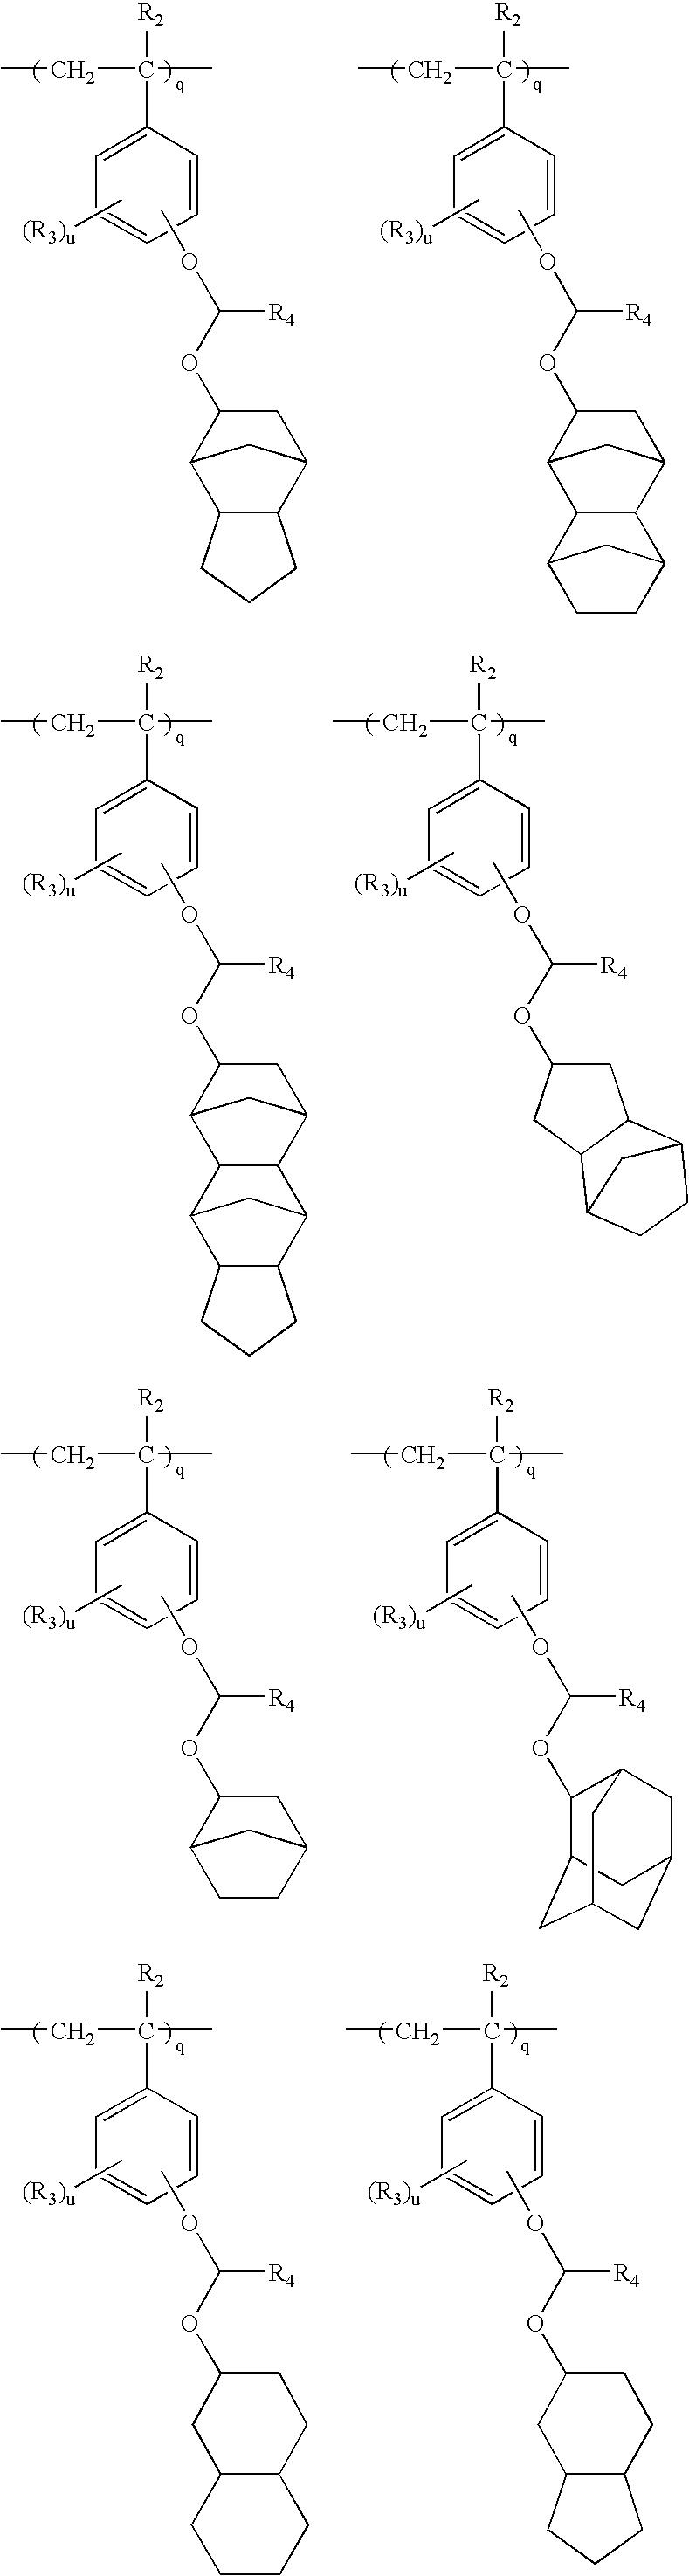 Figure US07501223-20090310-C00009